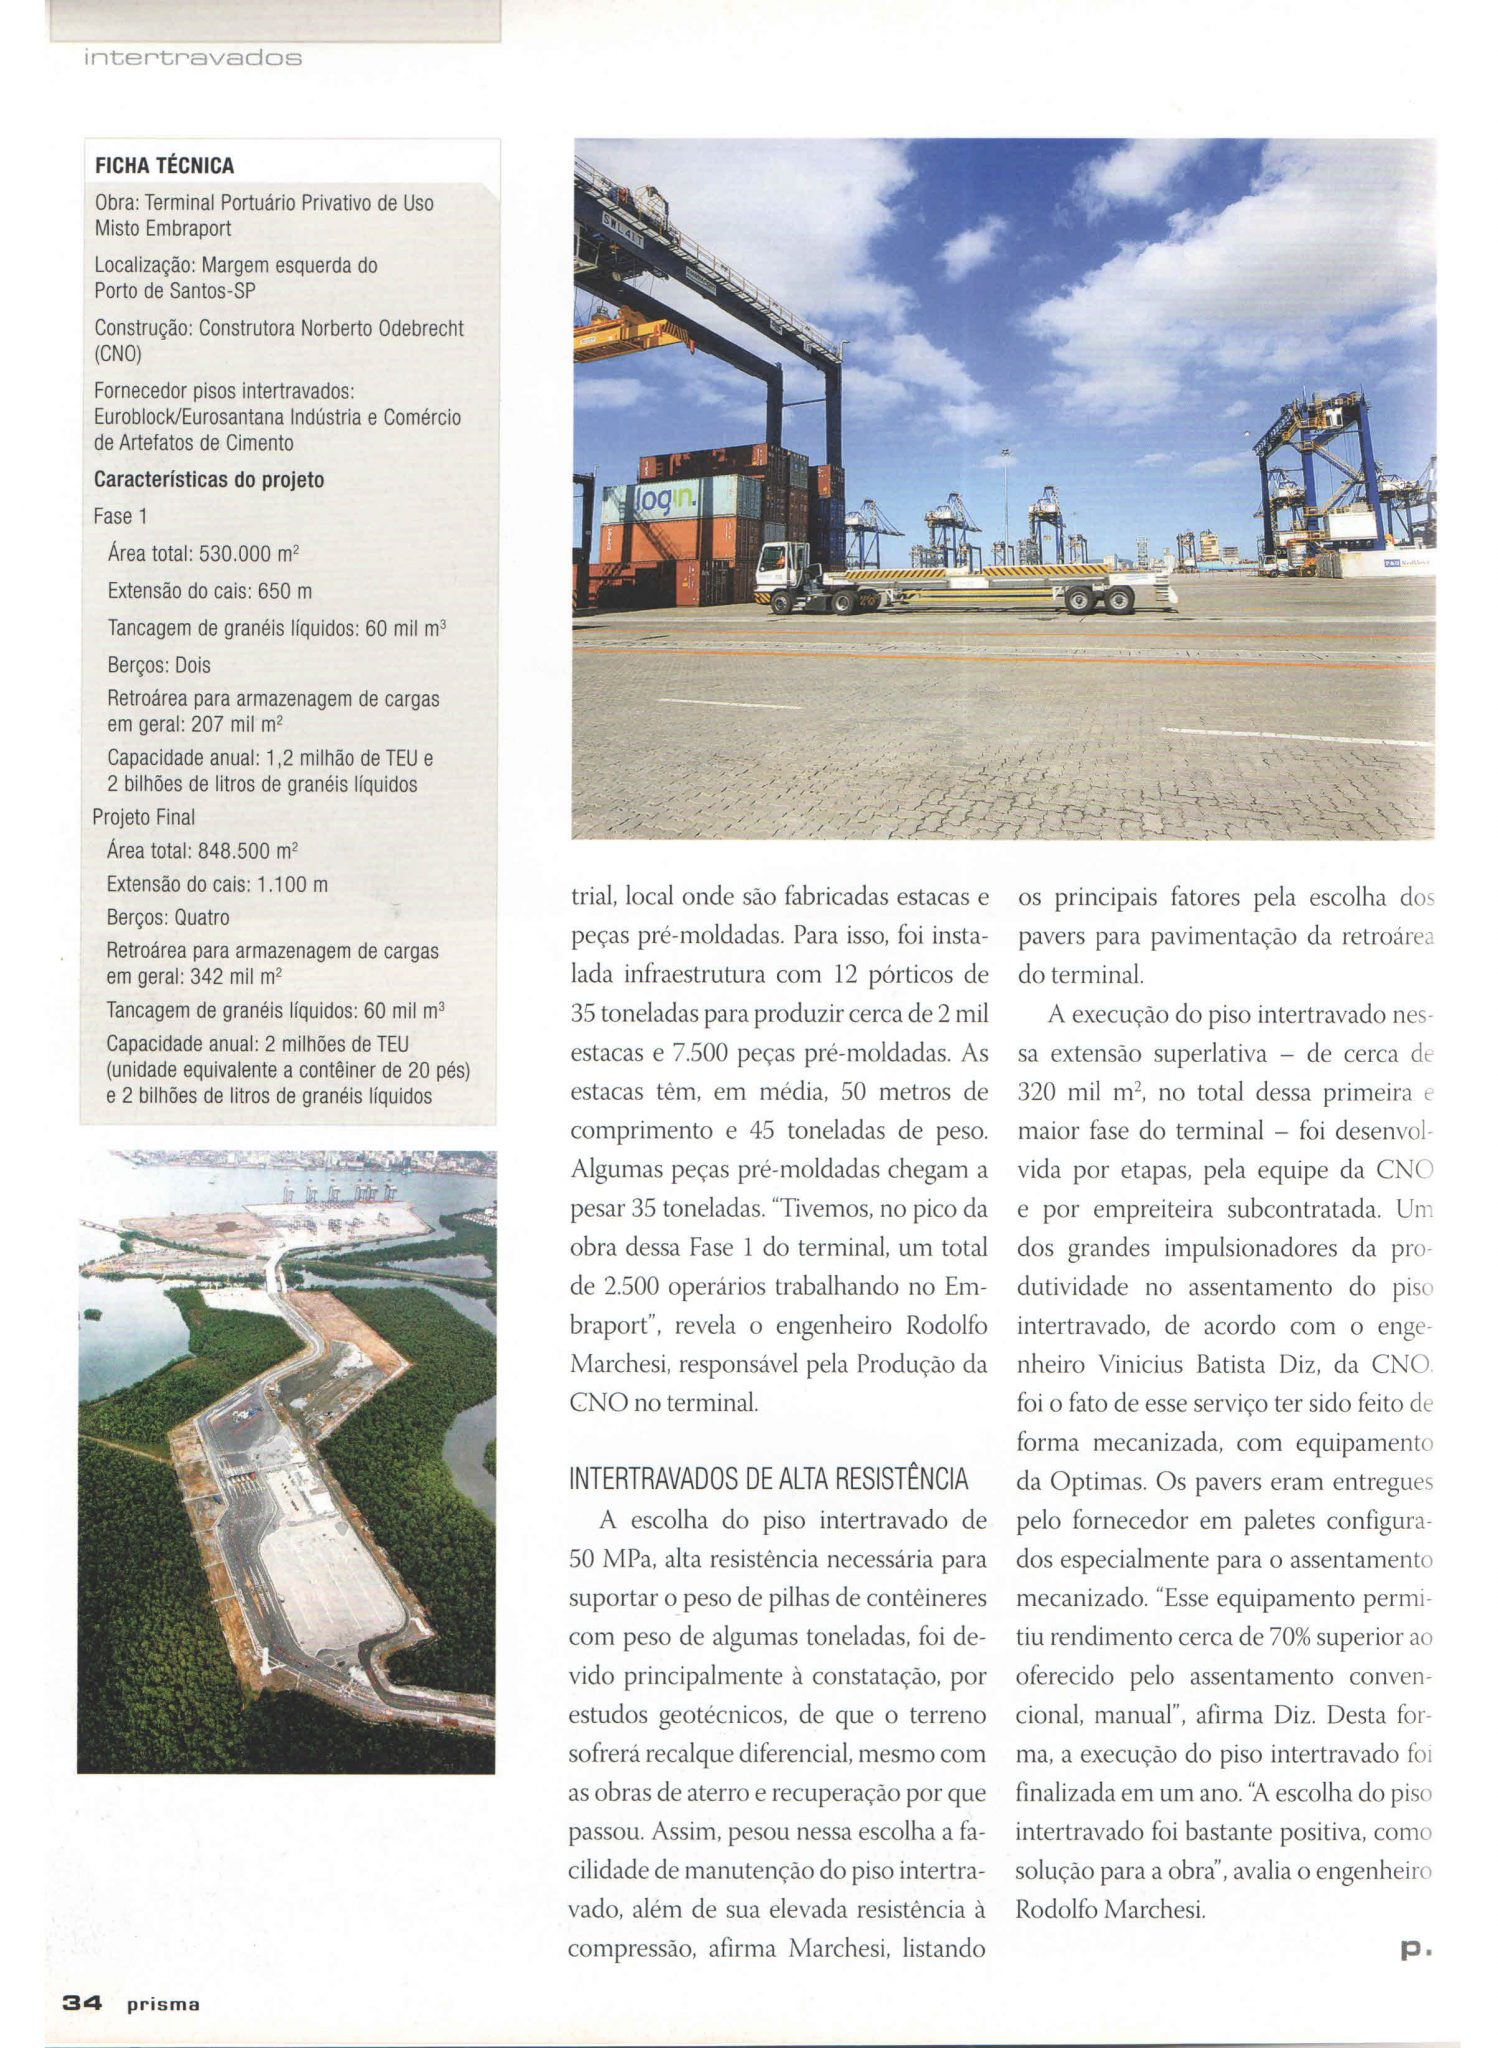 reportagem-prisma-folha-3-2013-embraport